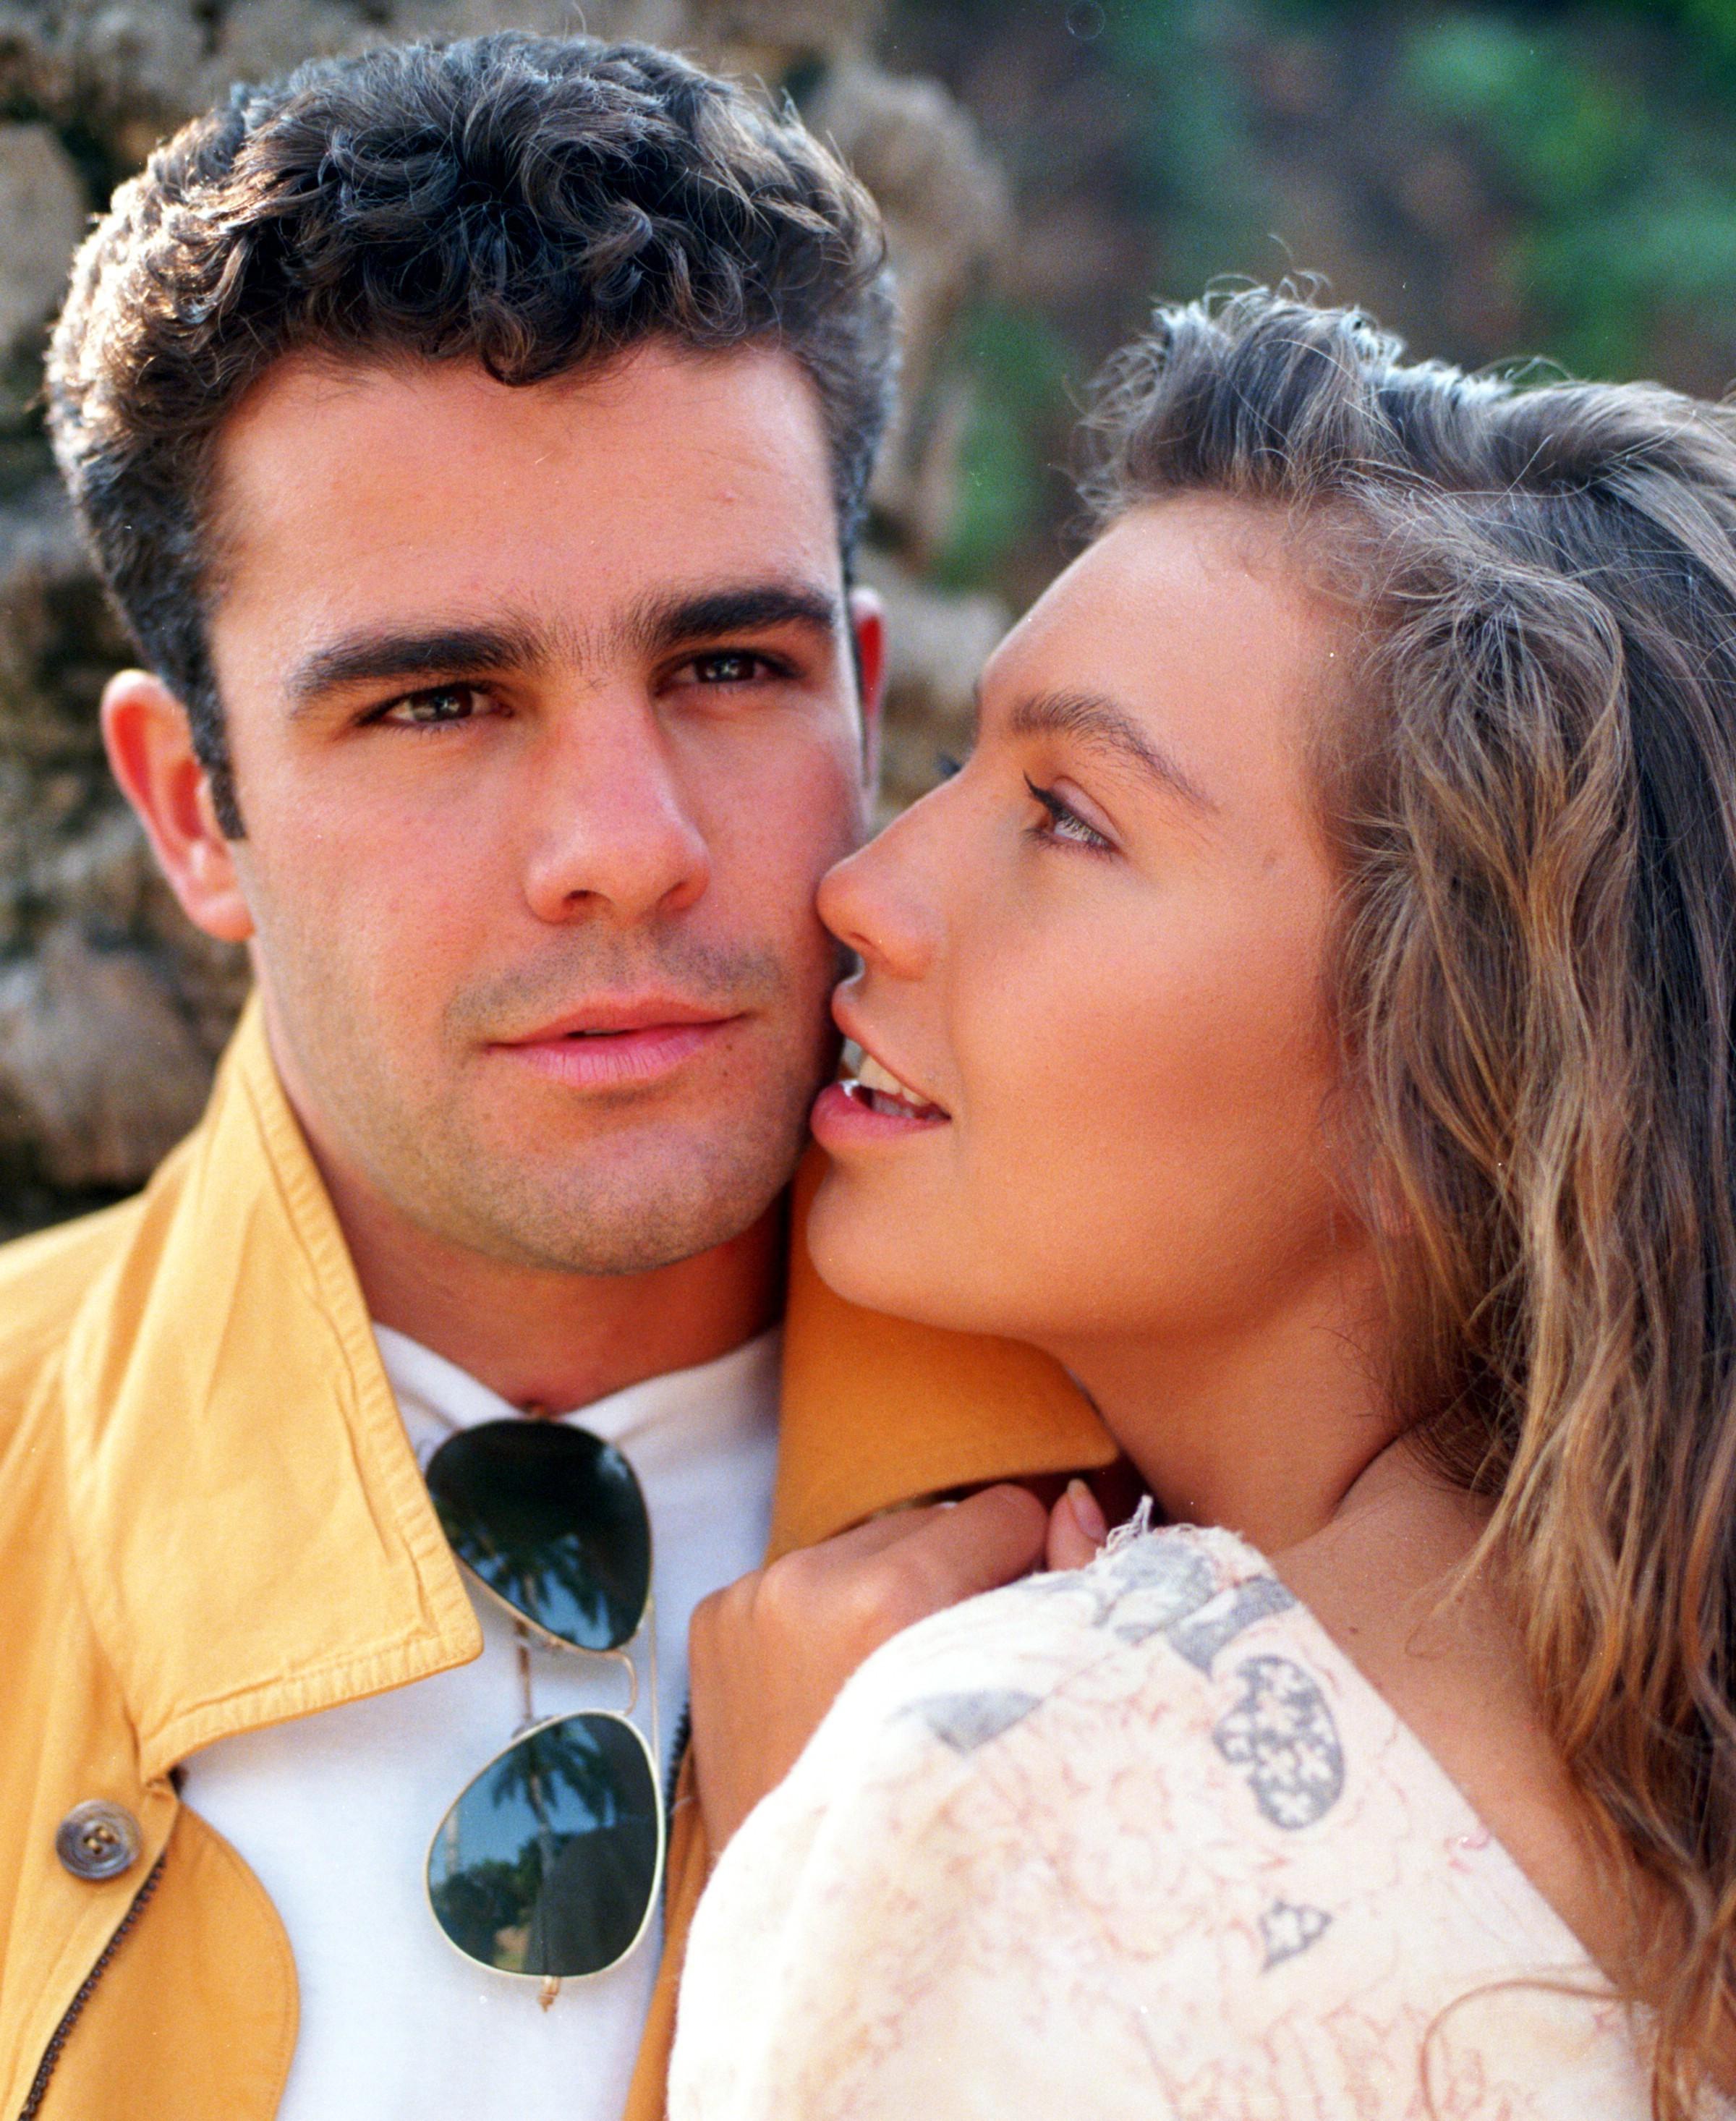 Historia de amor suegro y nuera - 2 5